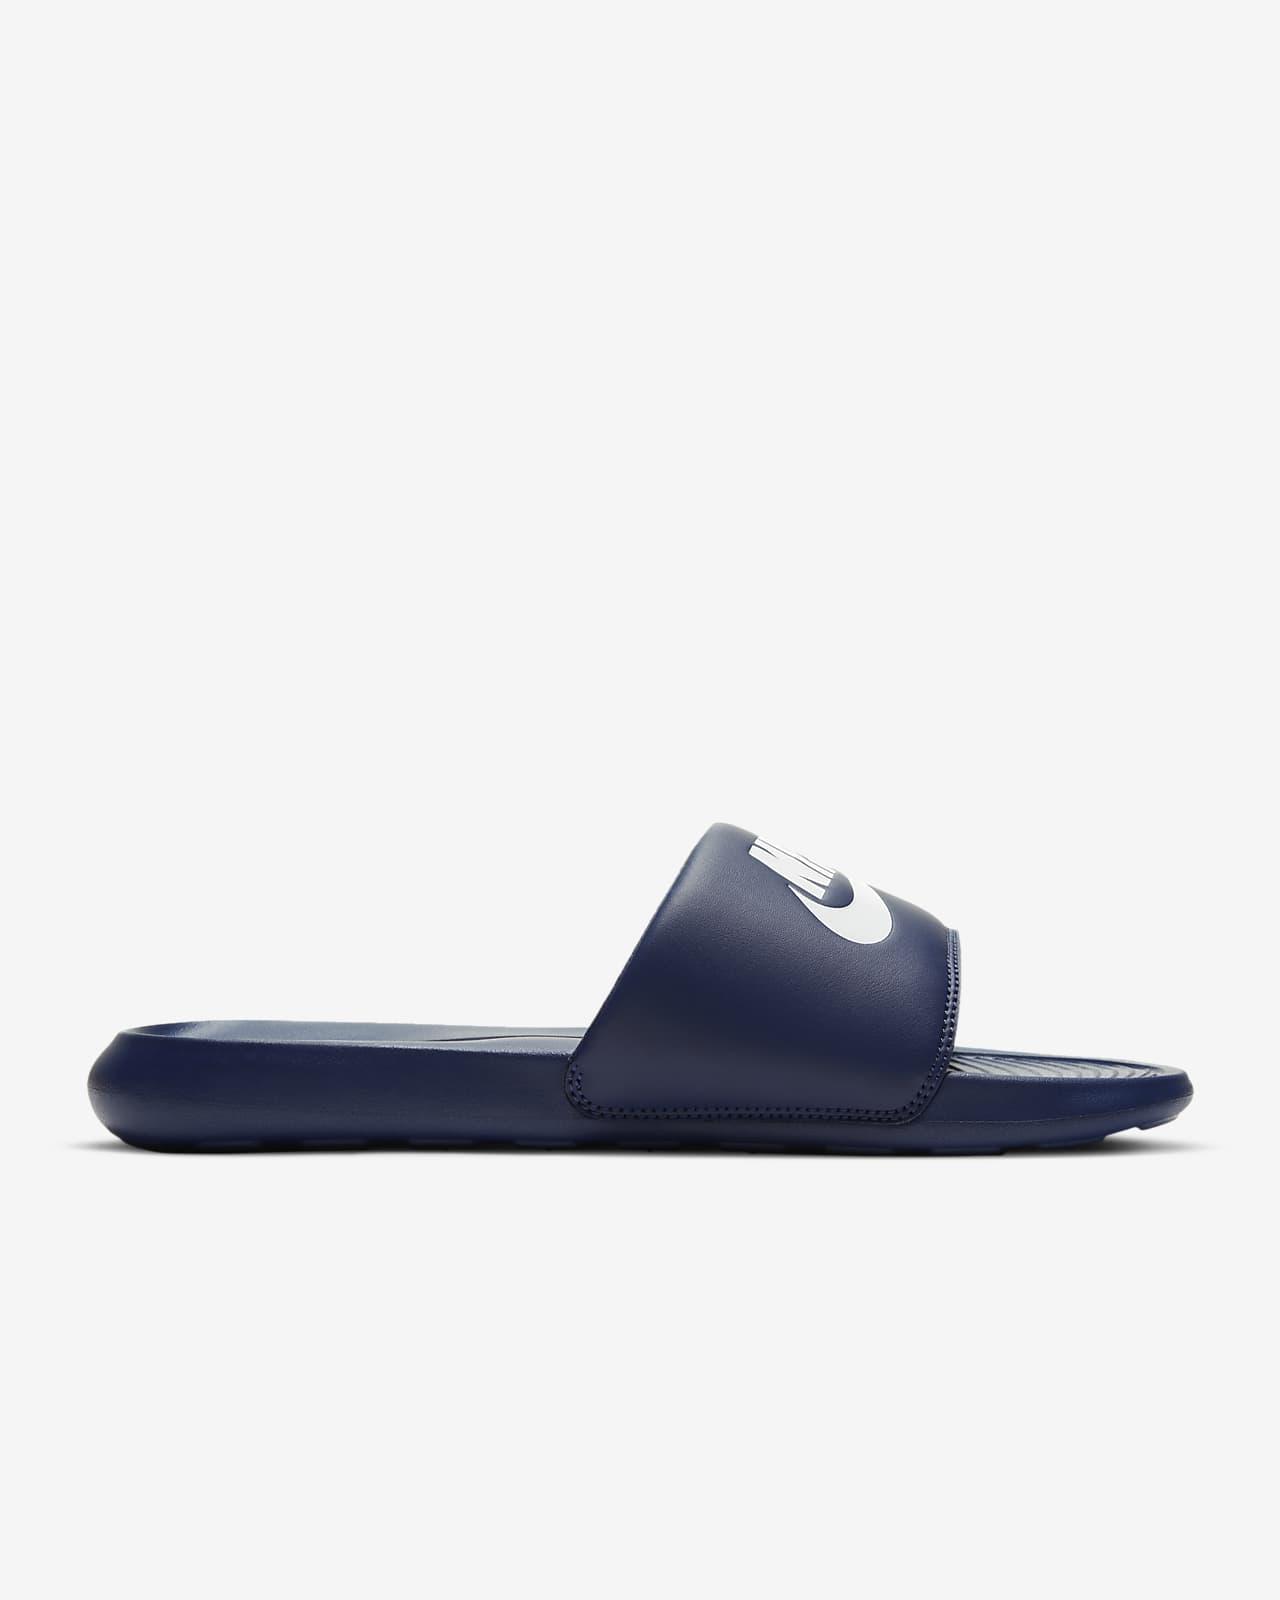 כפכפי נייק לגברים Nike Victori One - כחול כהה